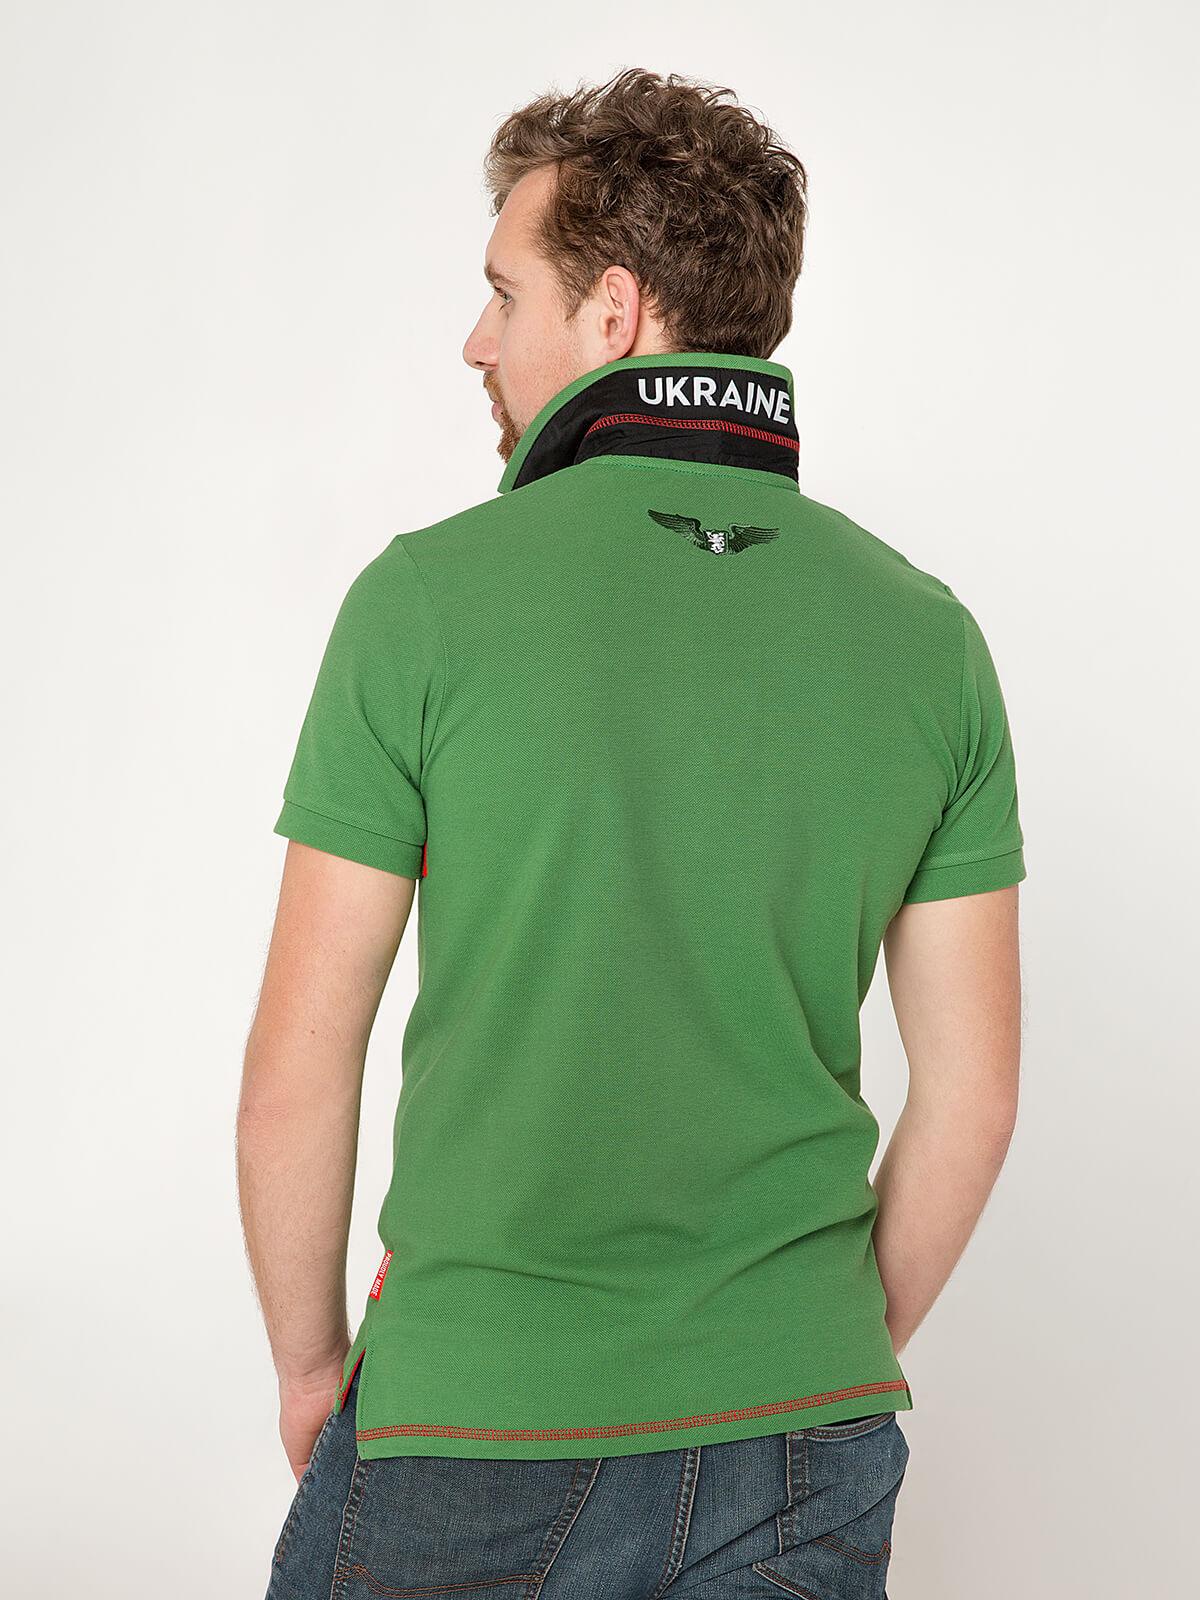 Чоловіче Поло Крила. Колір зелений.  Тканина піке: 100% бавовна.